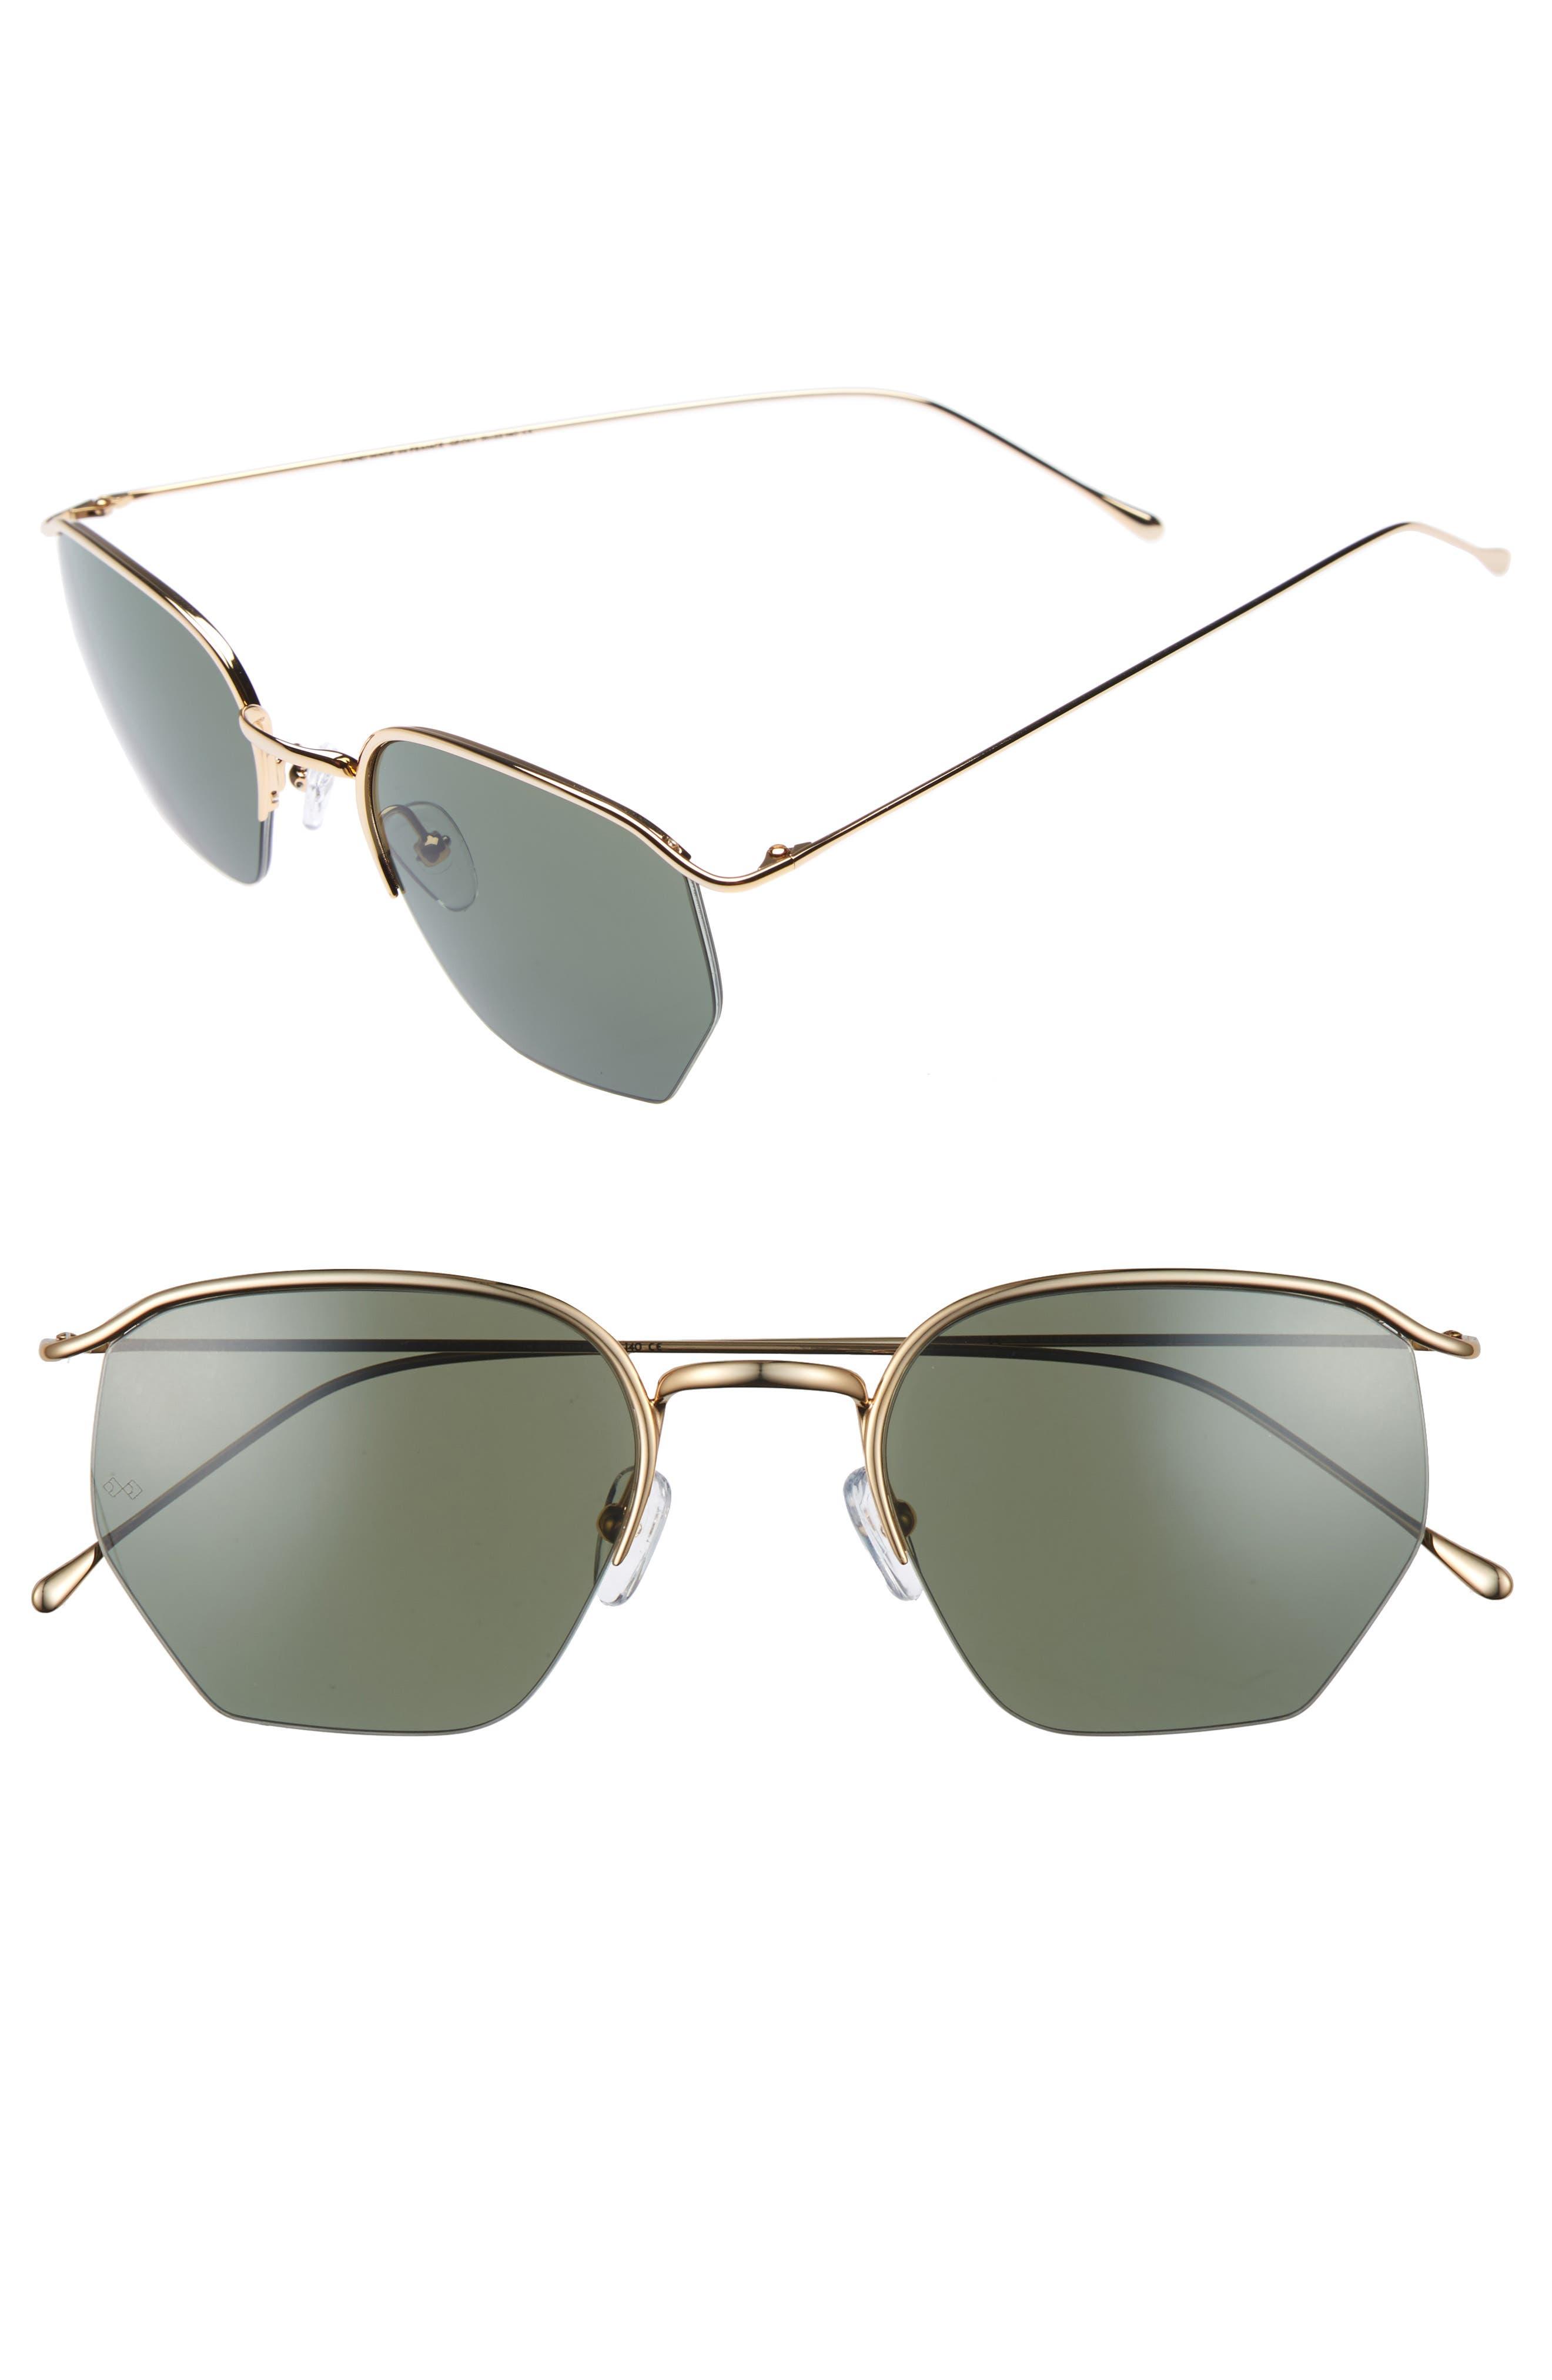 Main Image - SMOKE X MIRRORS Geo 1 50mm Aviator Sunglasses